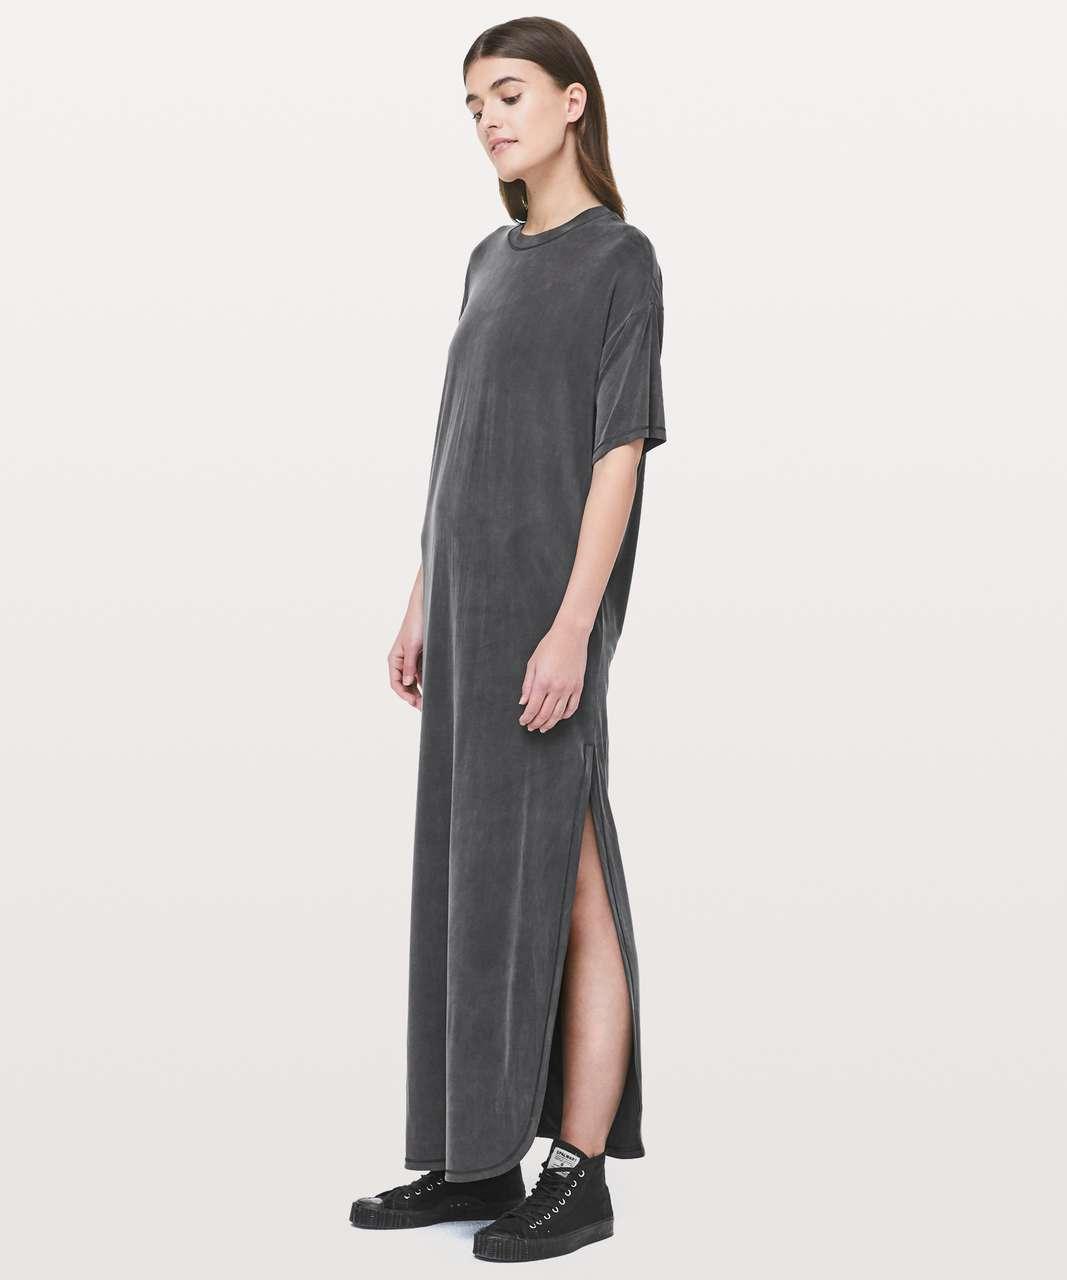 Lululemon Sumu-Su Dress - Deep Coal